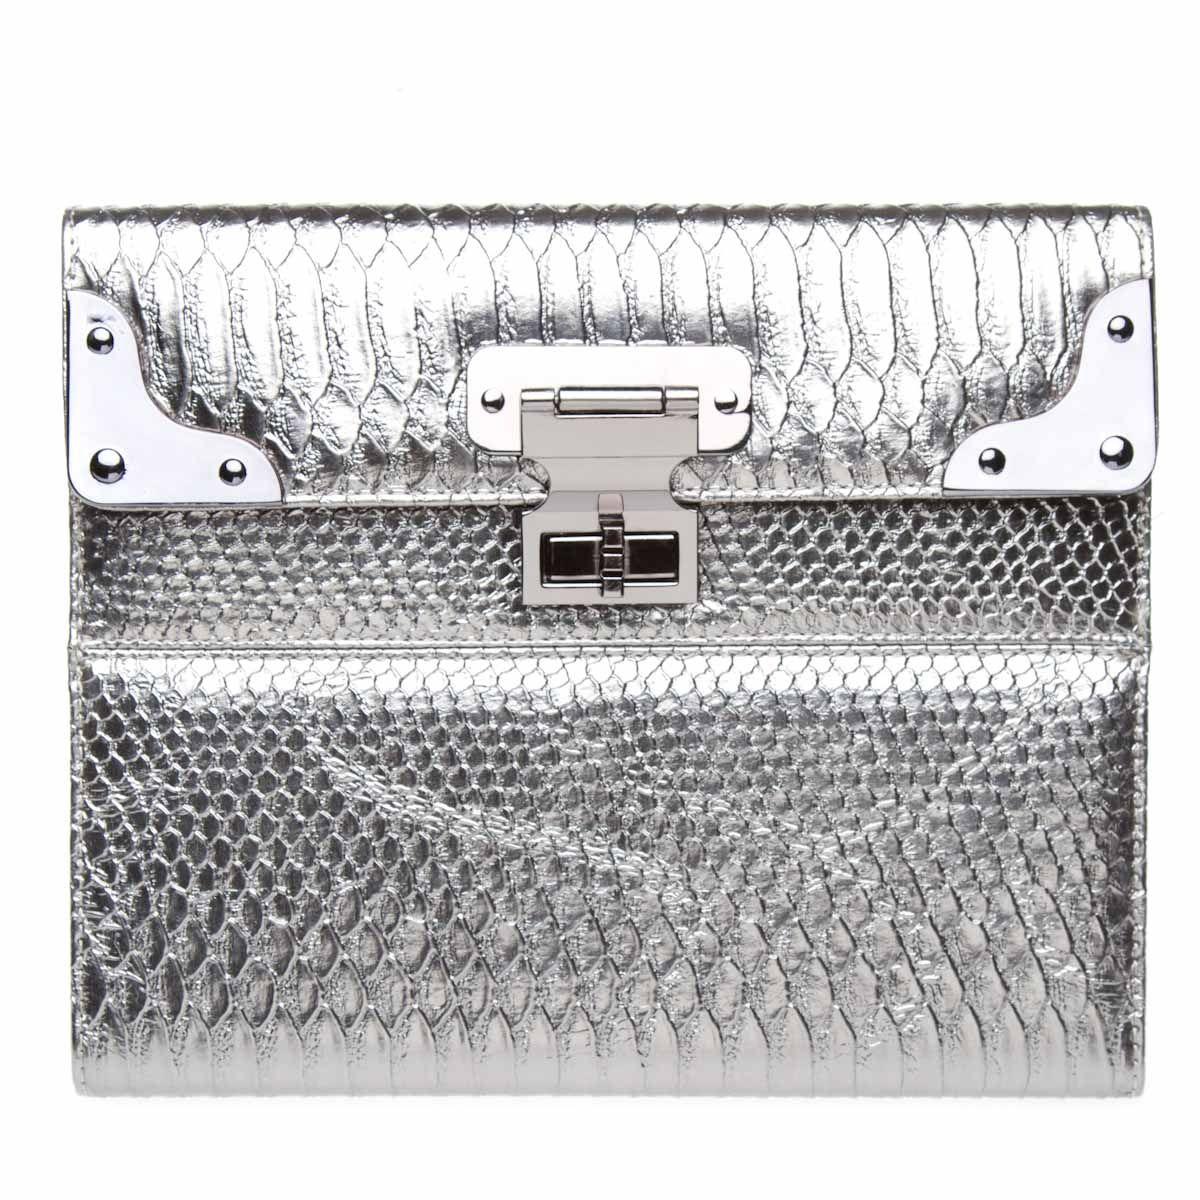 Silver metallic iPad Case